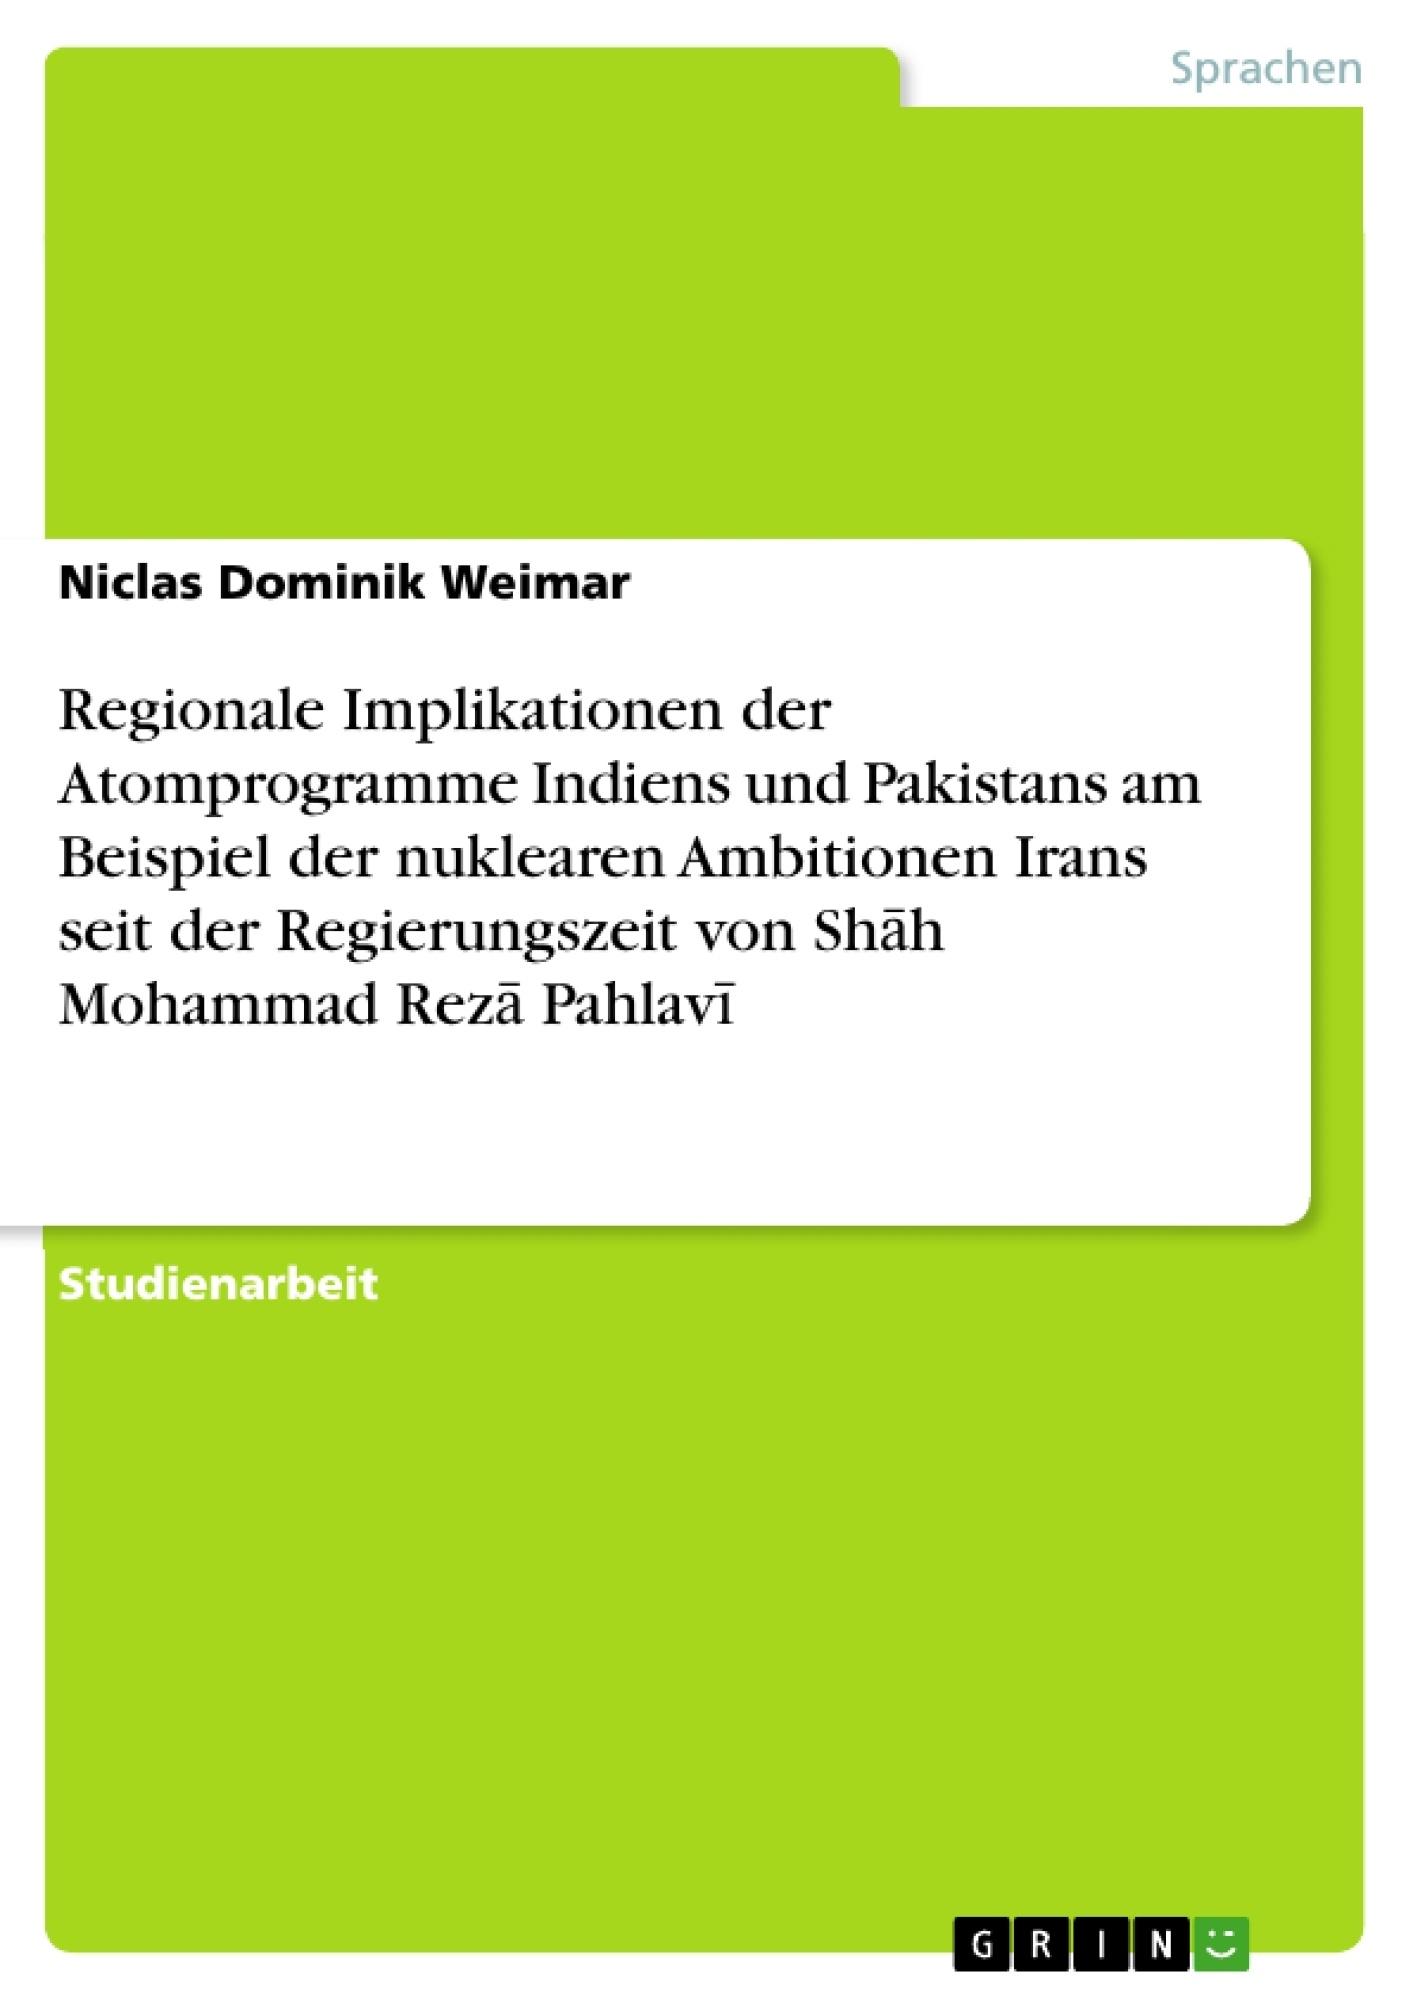 Titel: Regionale Implikationen der Atomprogramme Indiens und Pakistans am Beispiel der nuklearen Ambitionen Irans seit der Regierungszeit von Shāh Mohammad Rezā Pahlavī